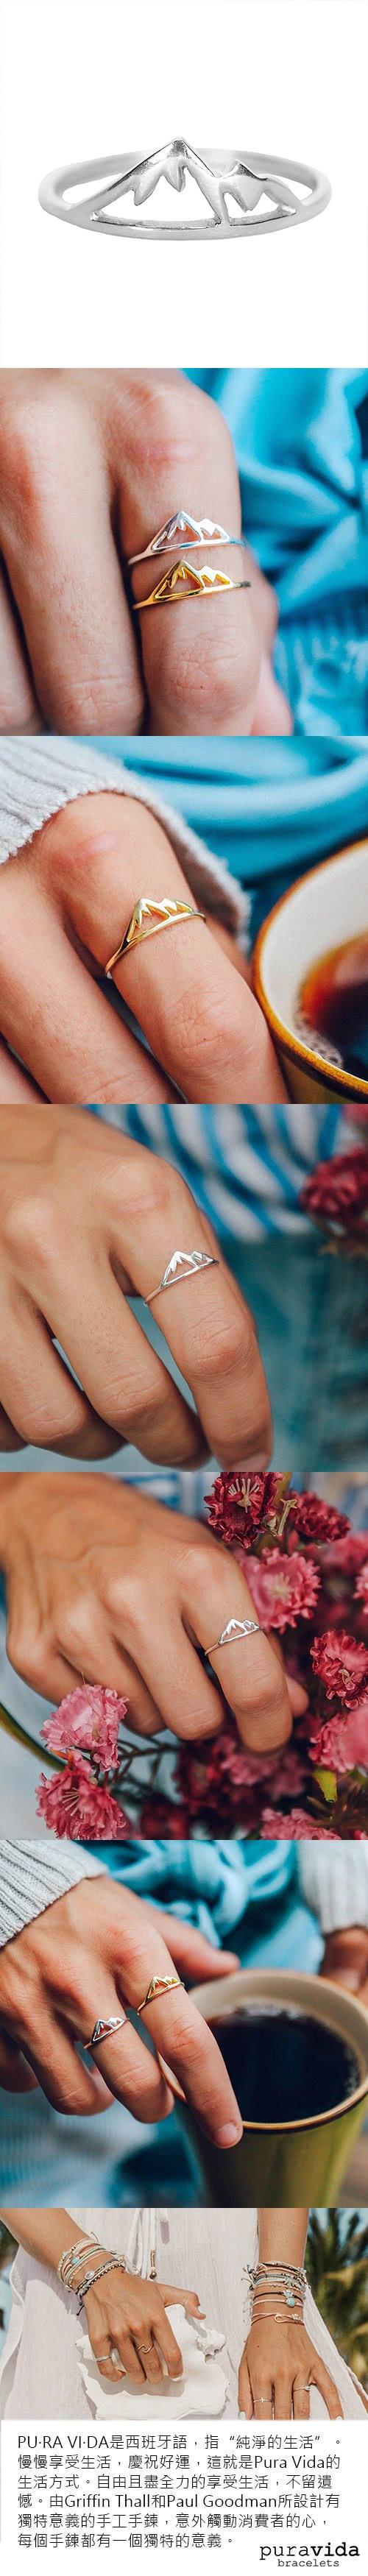 (複製)Pura Vida 美國手工 波西米亞風綠松石 純銀戒指